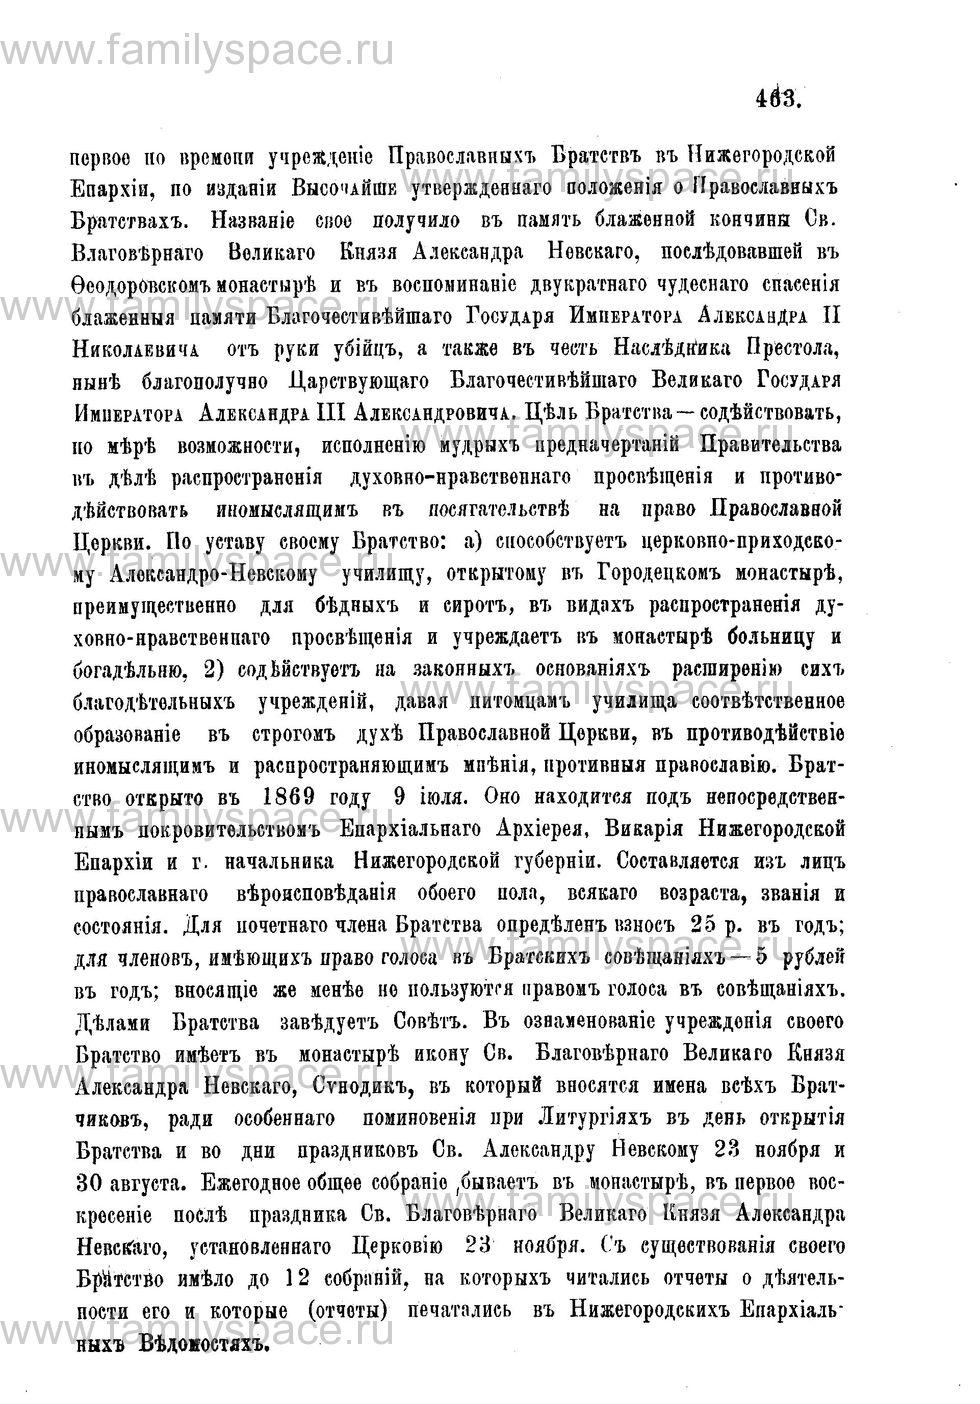 Поиск по фамилии - Адрес-календарь Нижегородской епархии на 1888 год, страница 1463